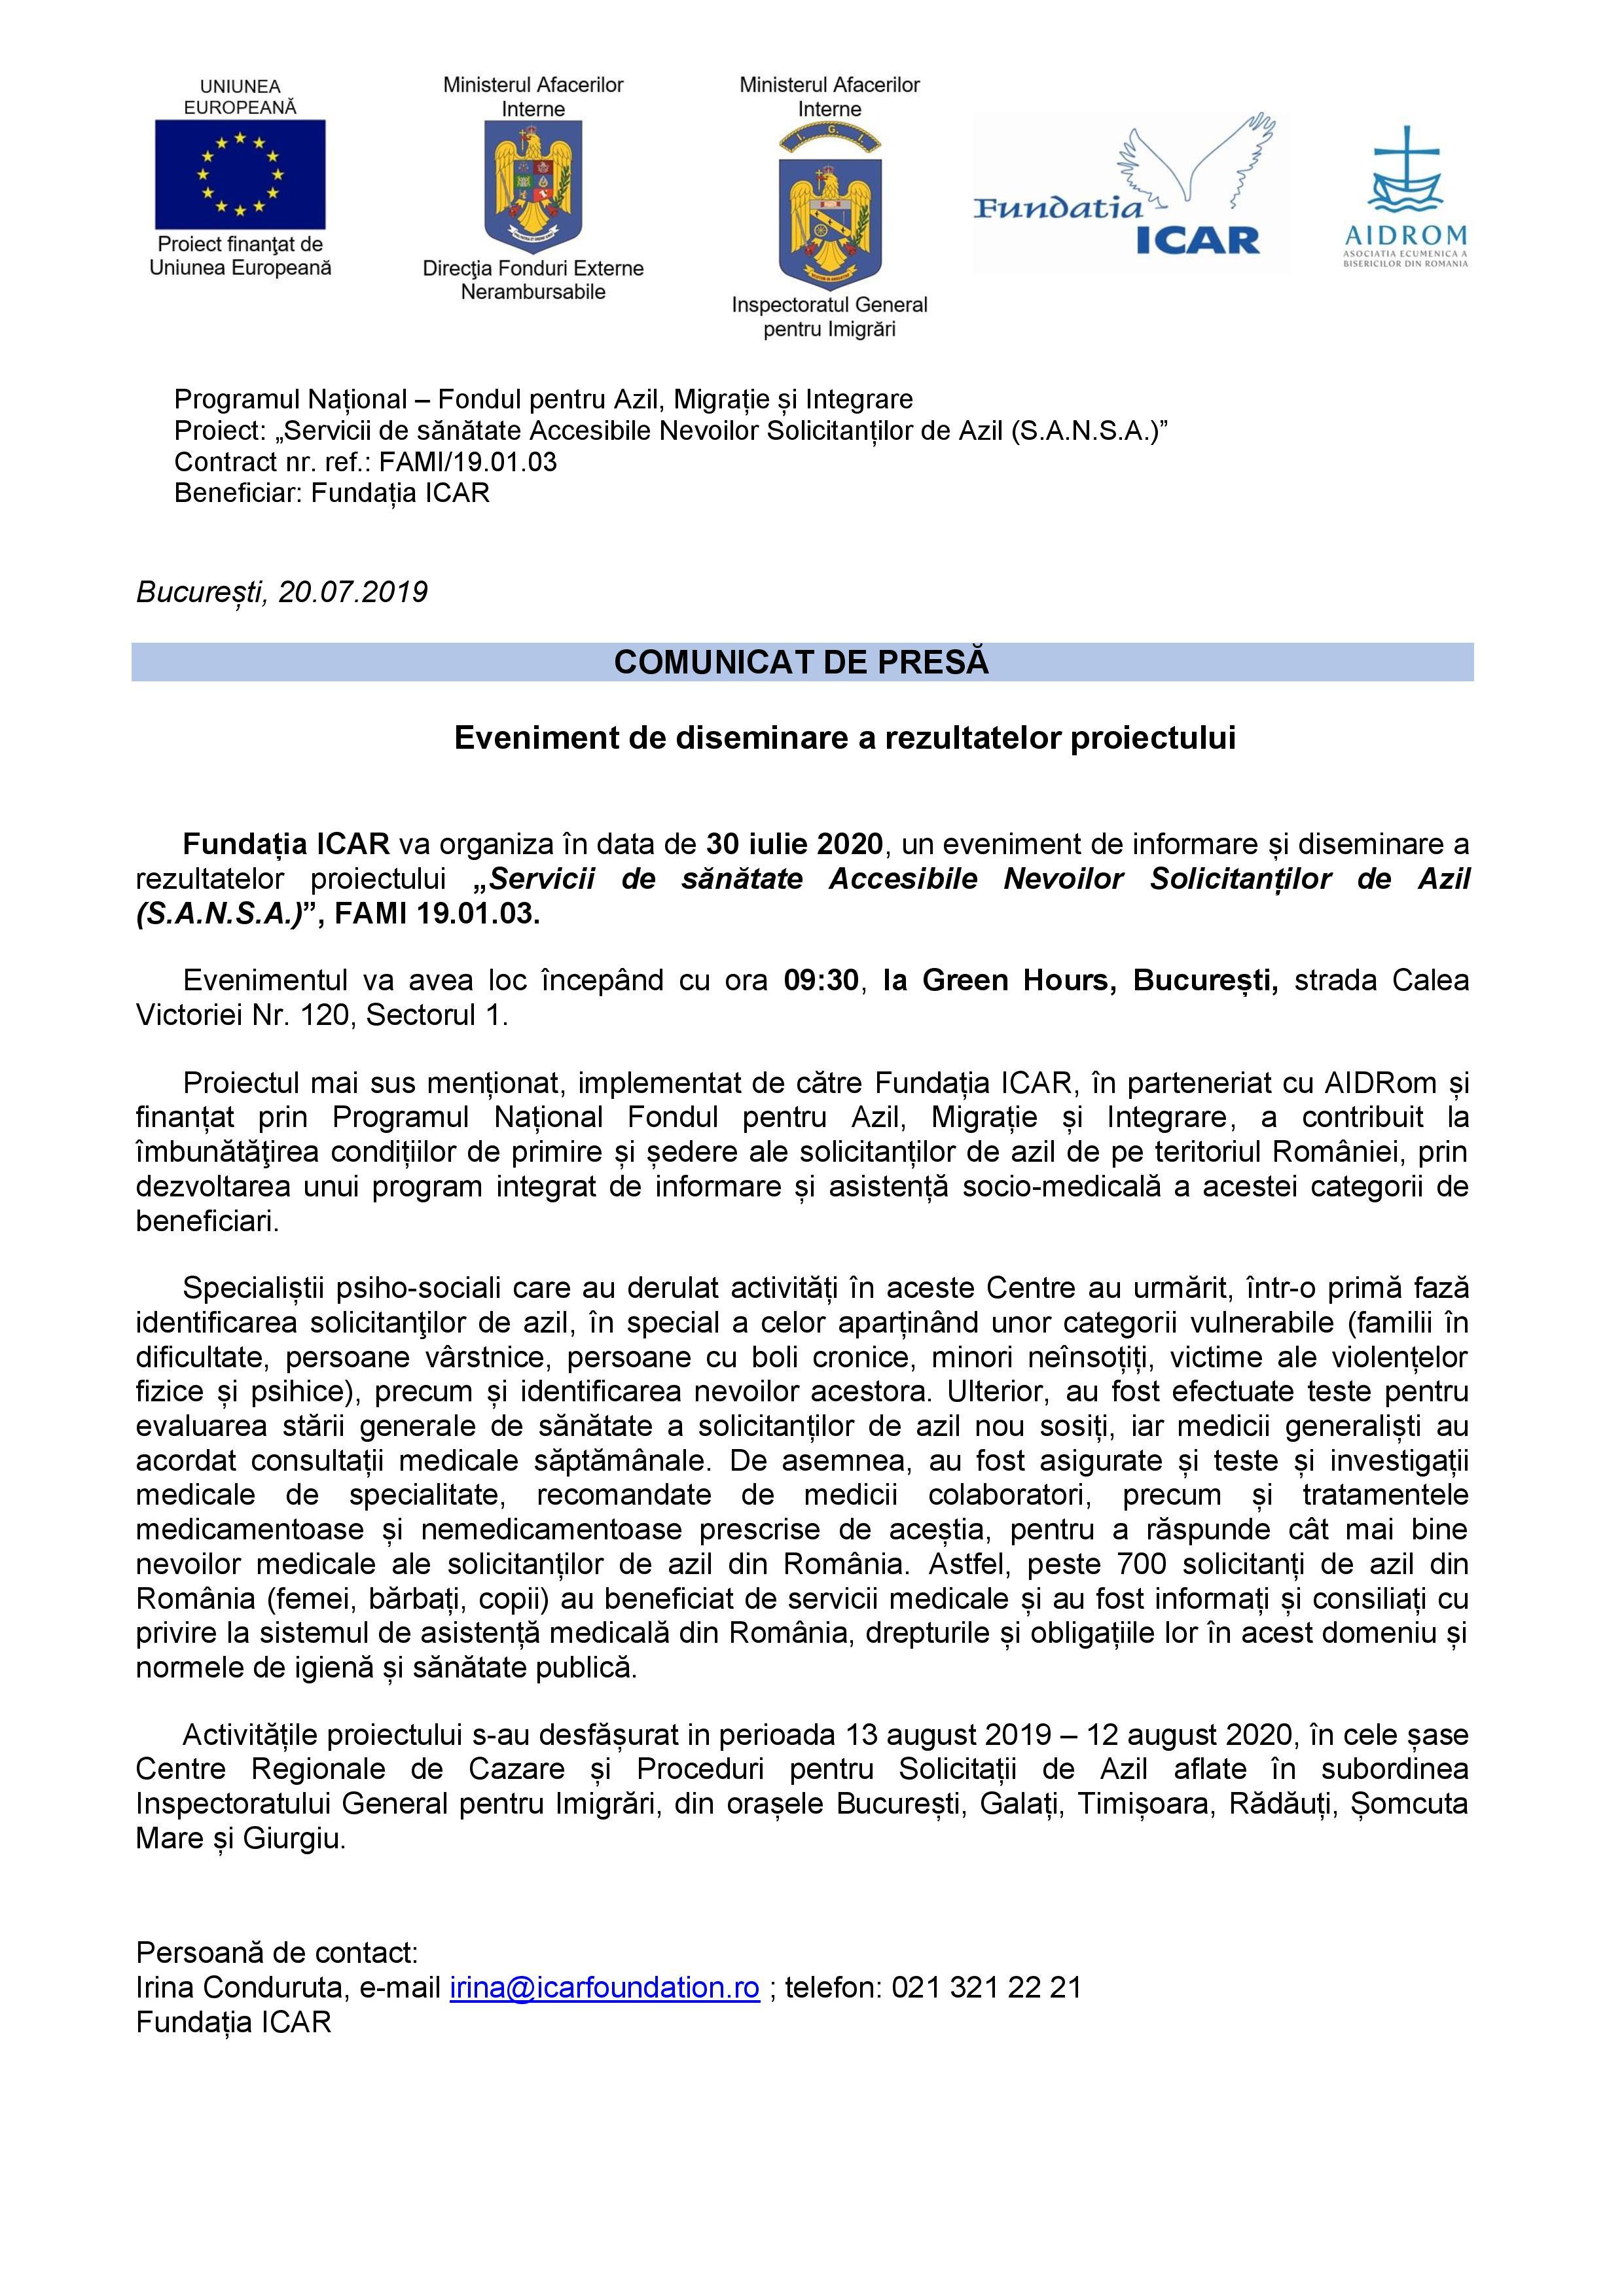 FAMI 19.01.03_Comunicat de presa_eveniment diseminare-page-001